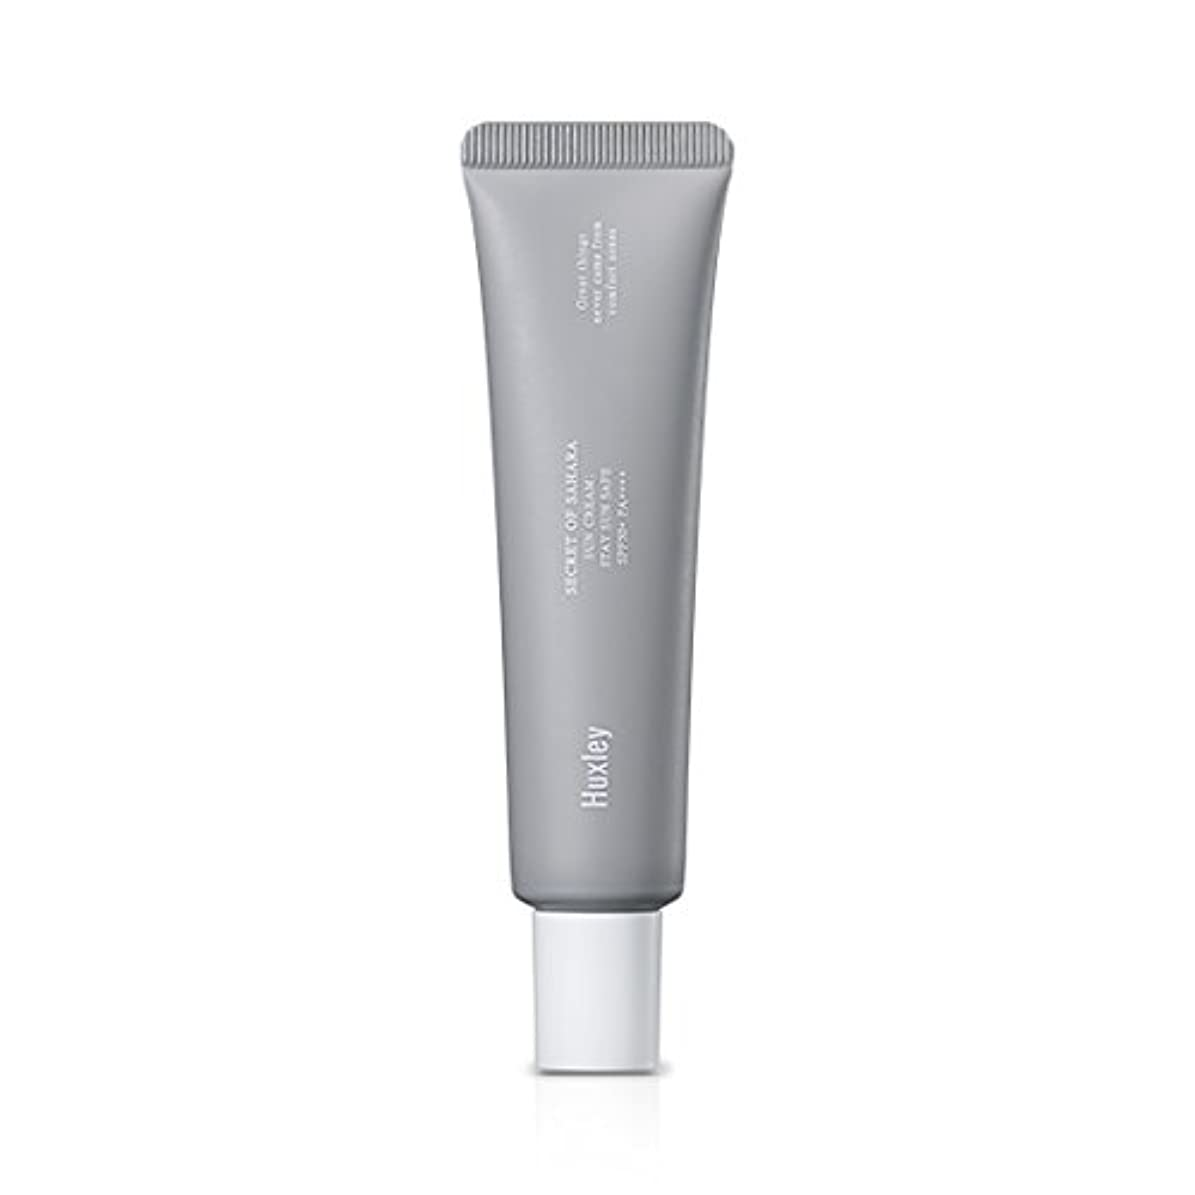 スクラップ製作ブローHuxley Sun Cream;Stay Sun Safe 35ml (SPF50+ PA++++)/ハクスリー サンクリーム;ステイ サン セーフ 35ml (SPF50+ PA++++) [並行輸入品]